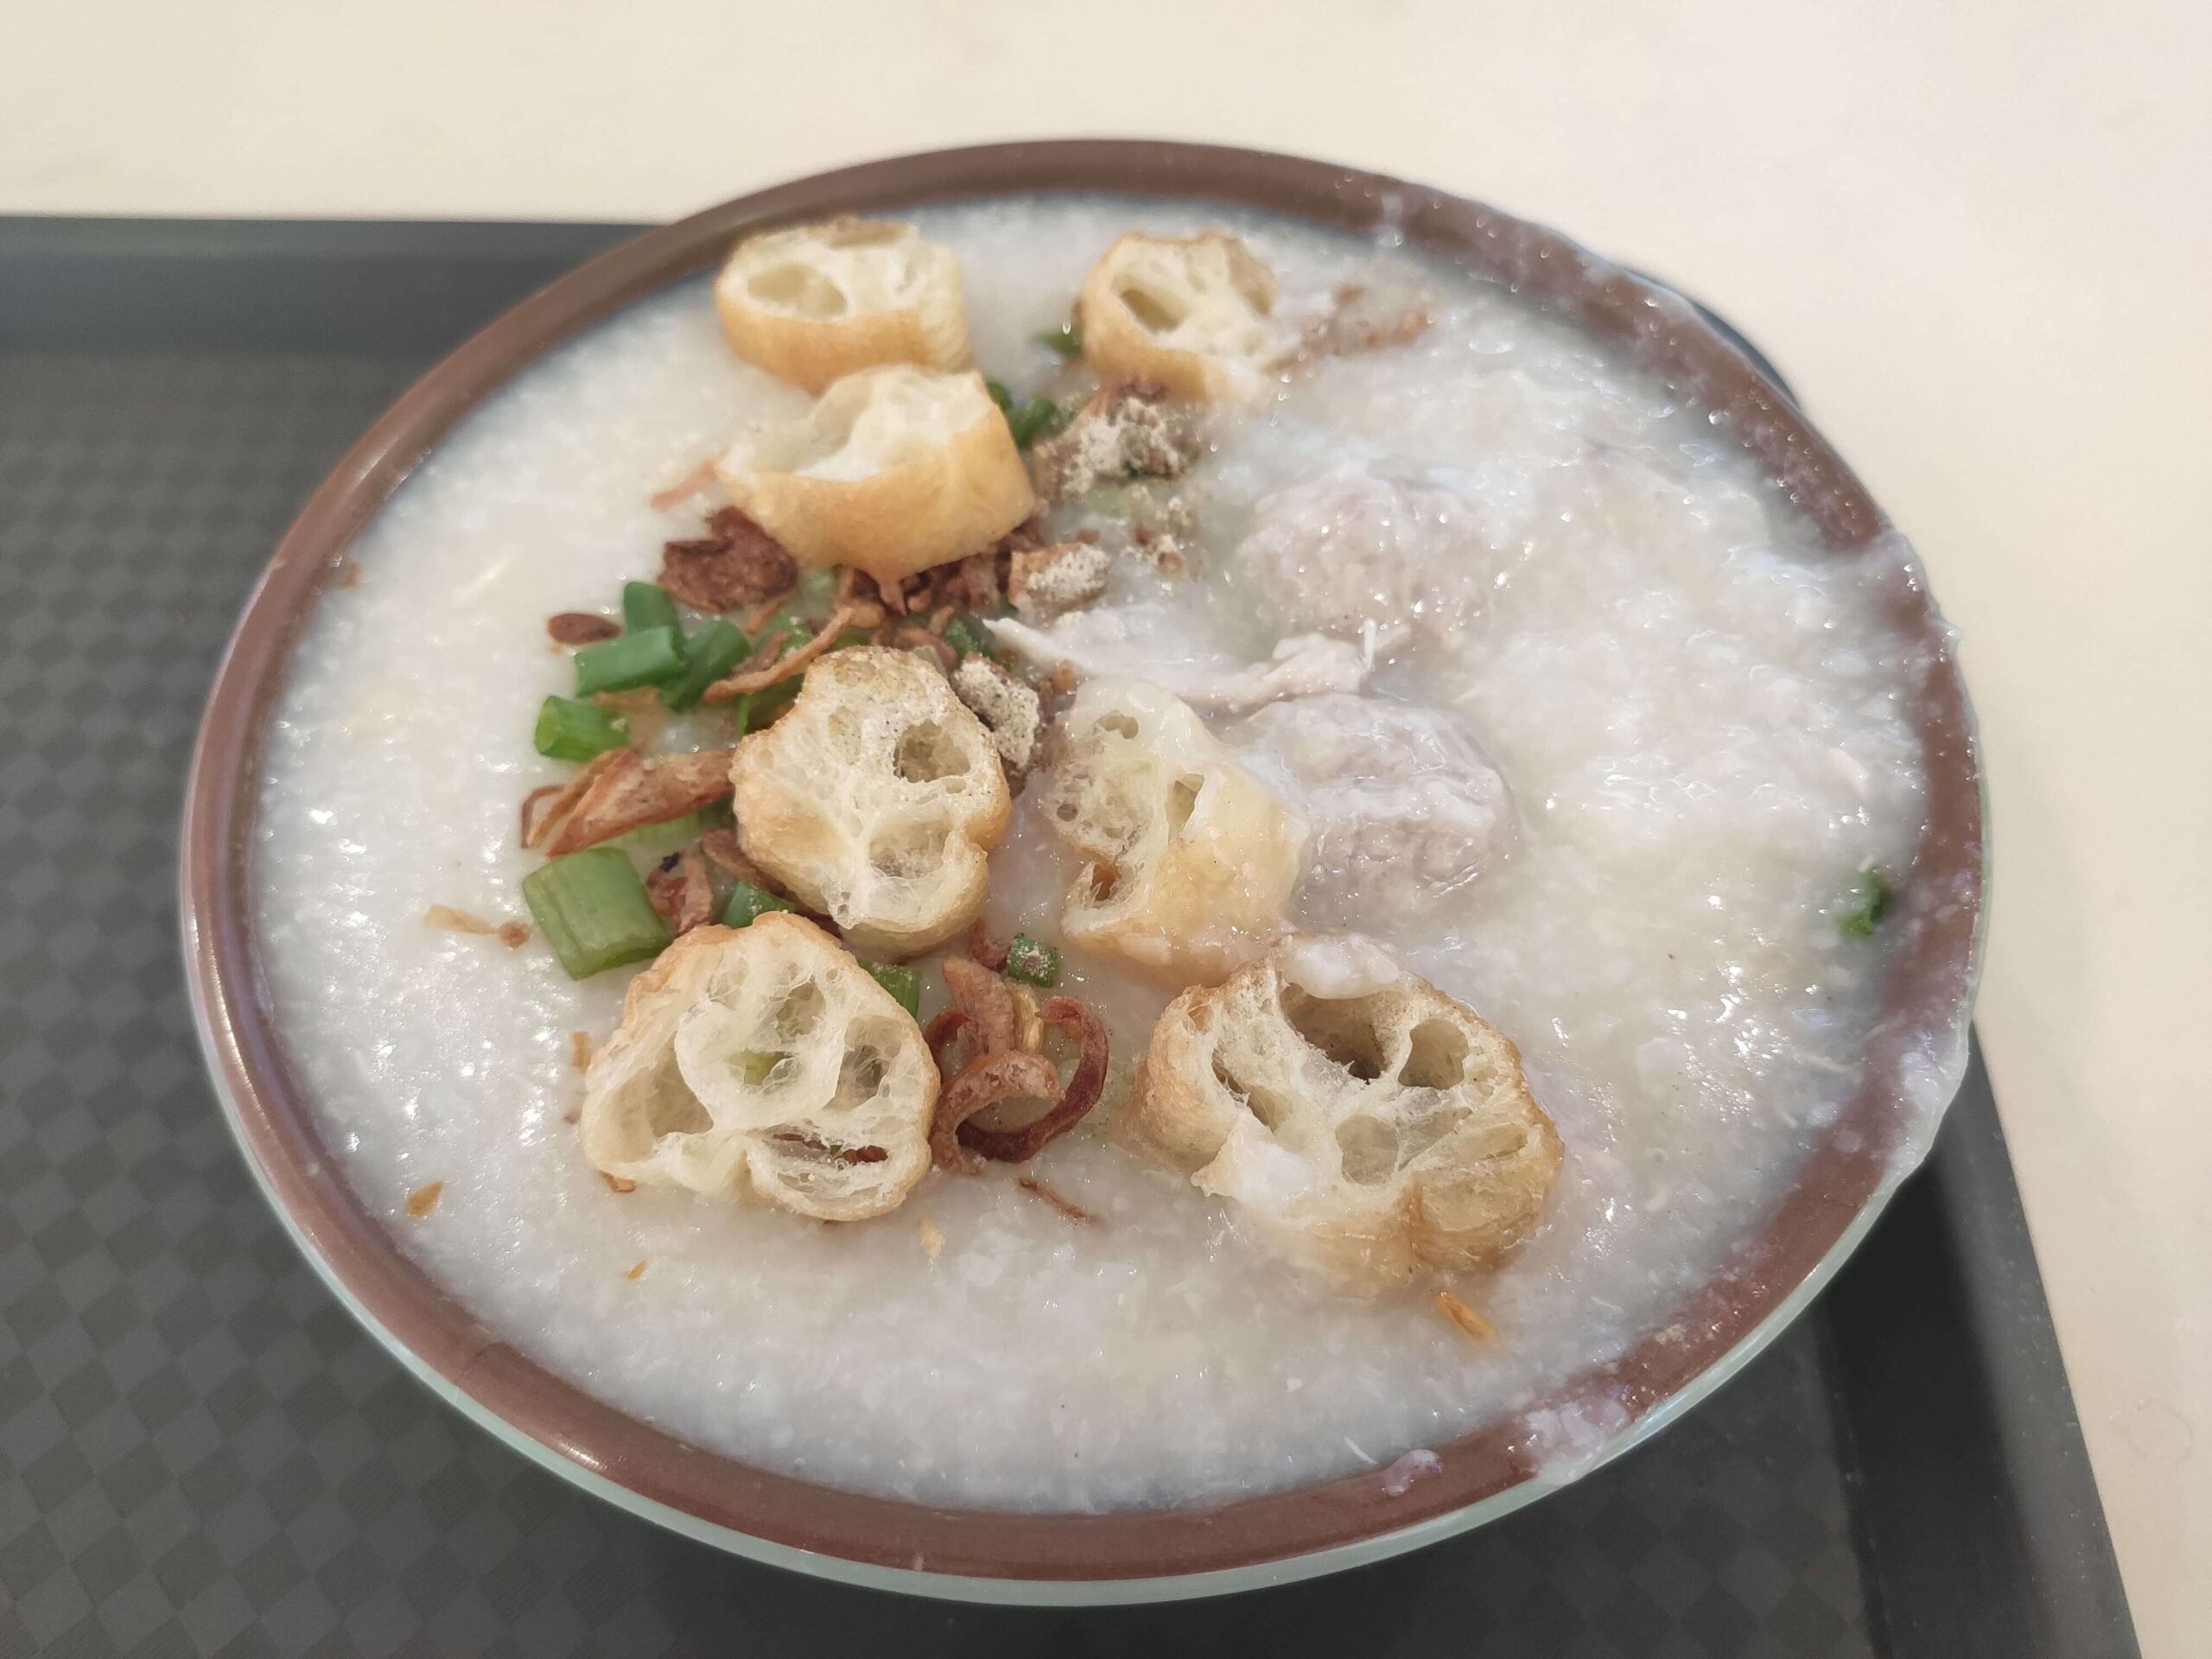 Reunion Porridge: Sliced Pork & Pork Balls Porridge